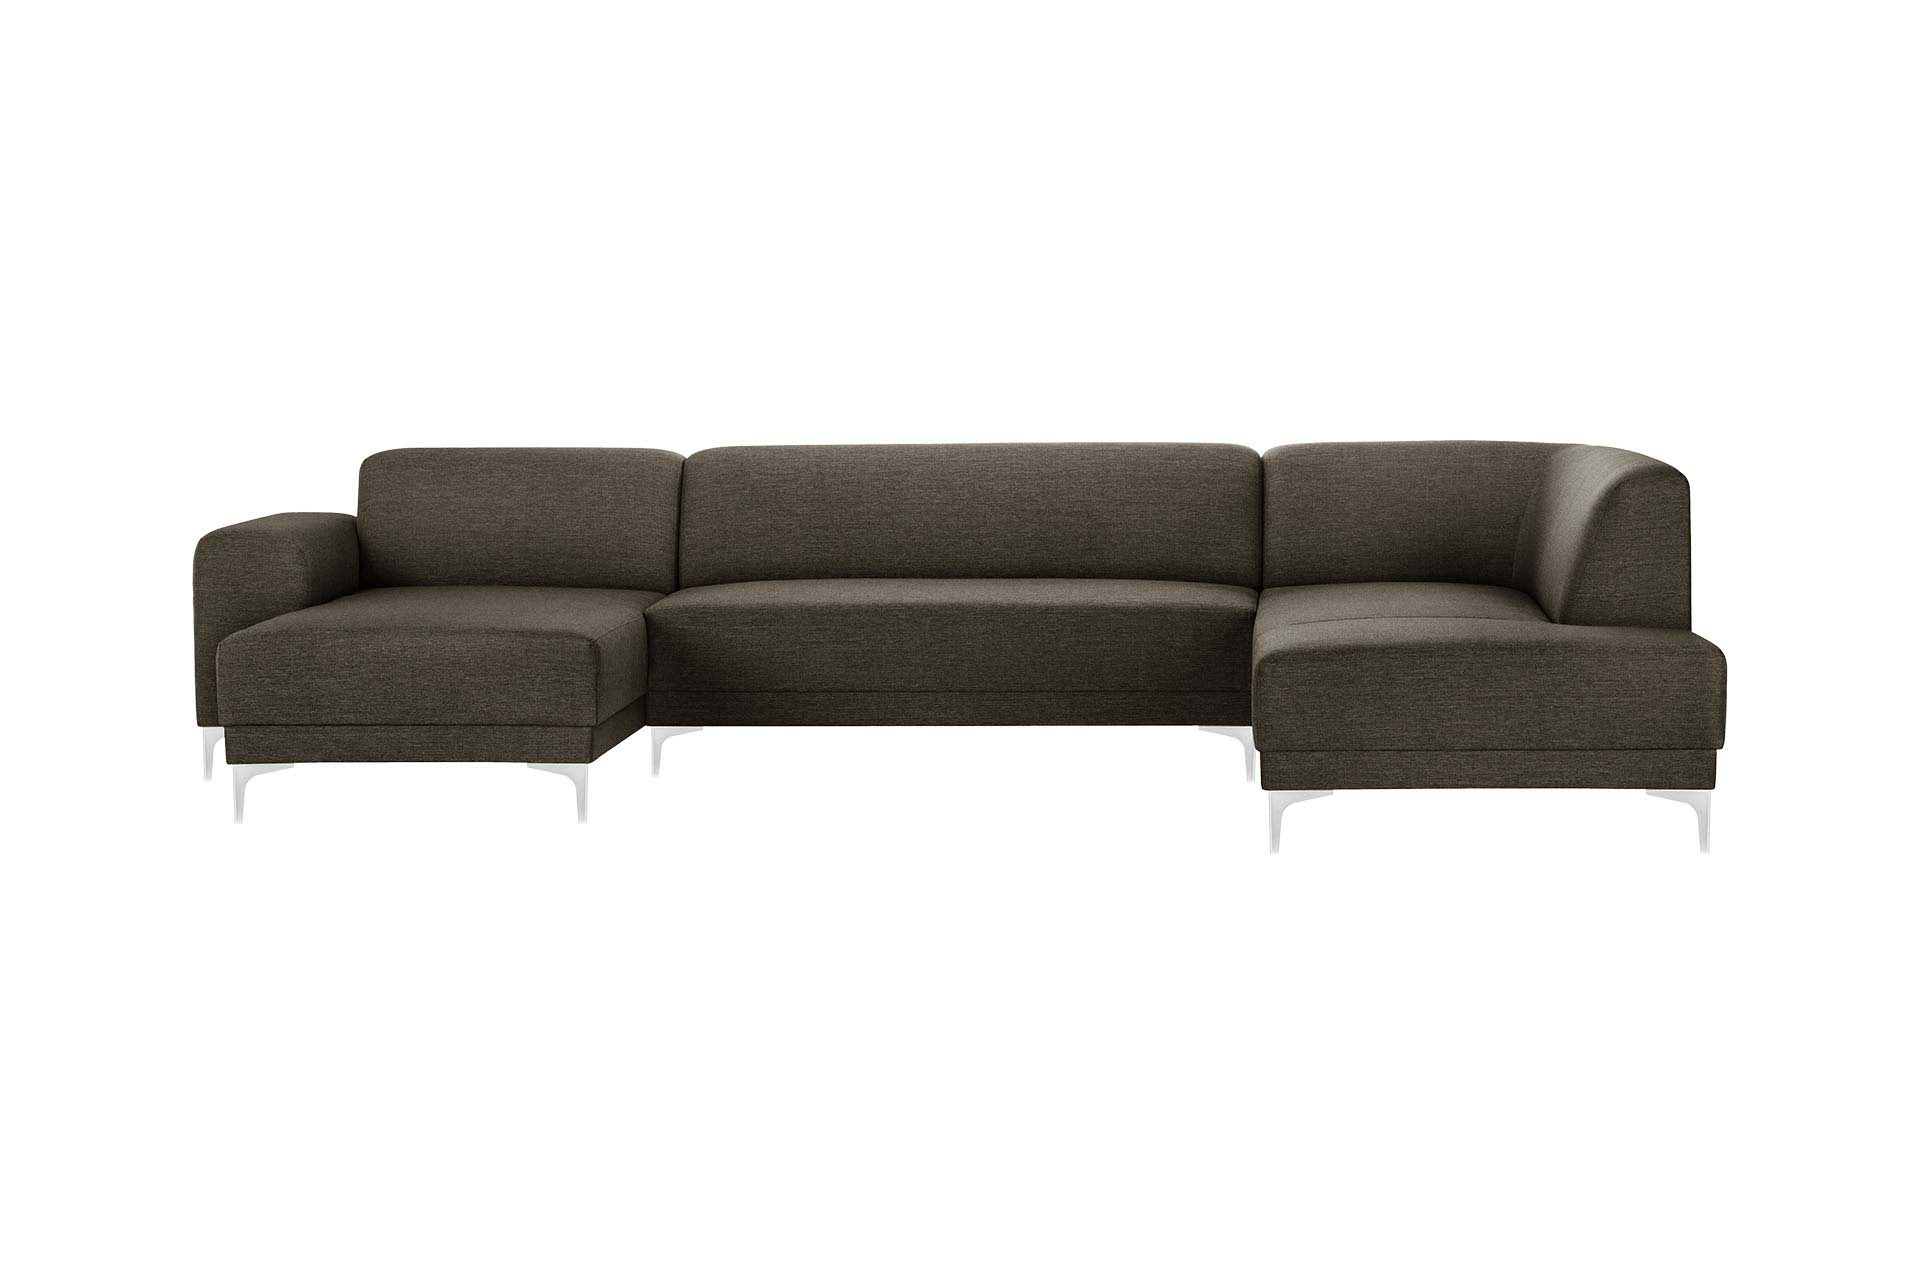 Canapé d'angle gauche 6 places toucher lin noisette